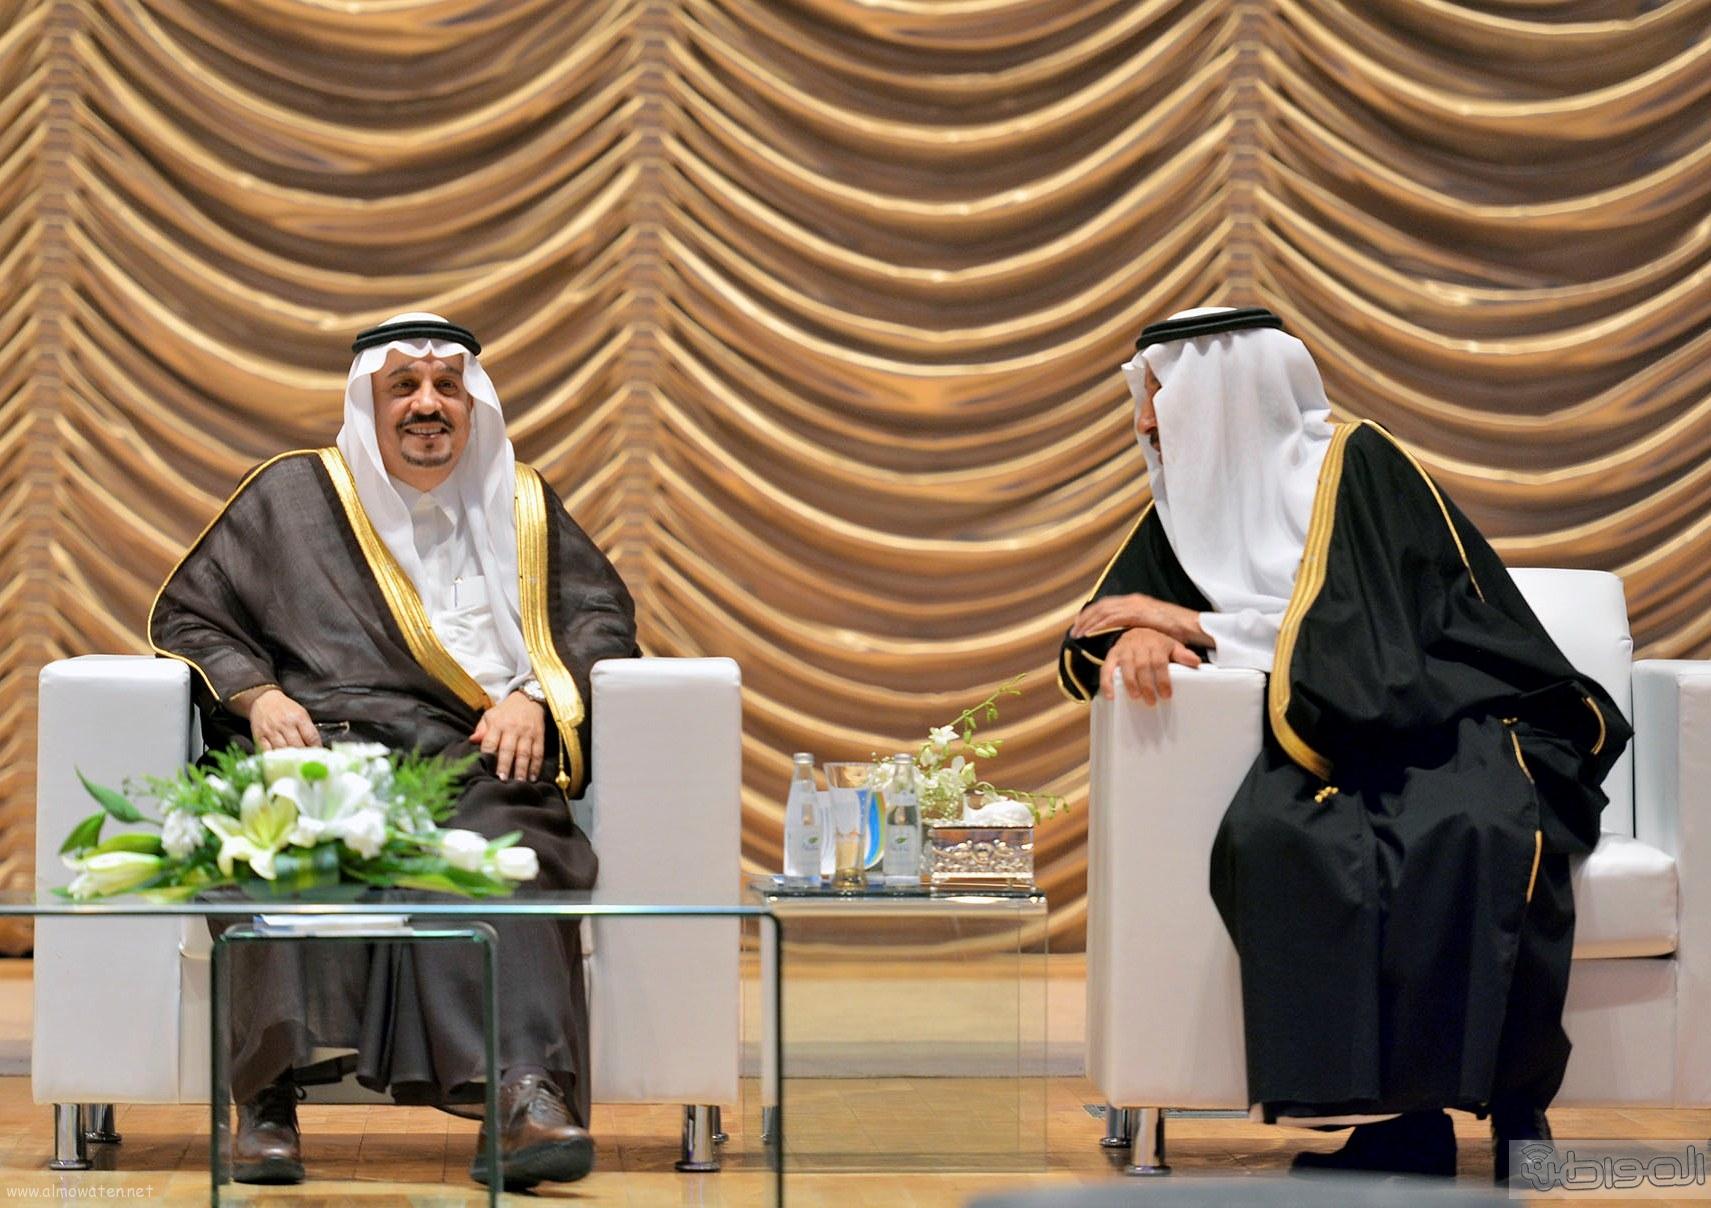 امير الرياض خلال رعاية طموح ملك لمستقبل وطن (10)